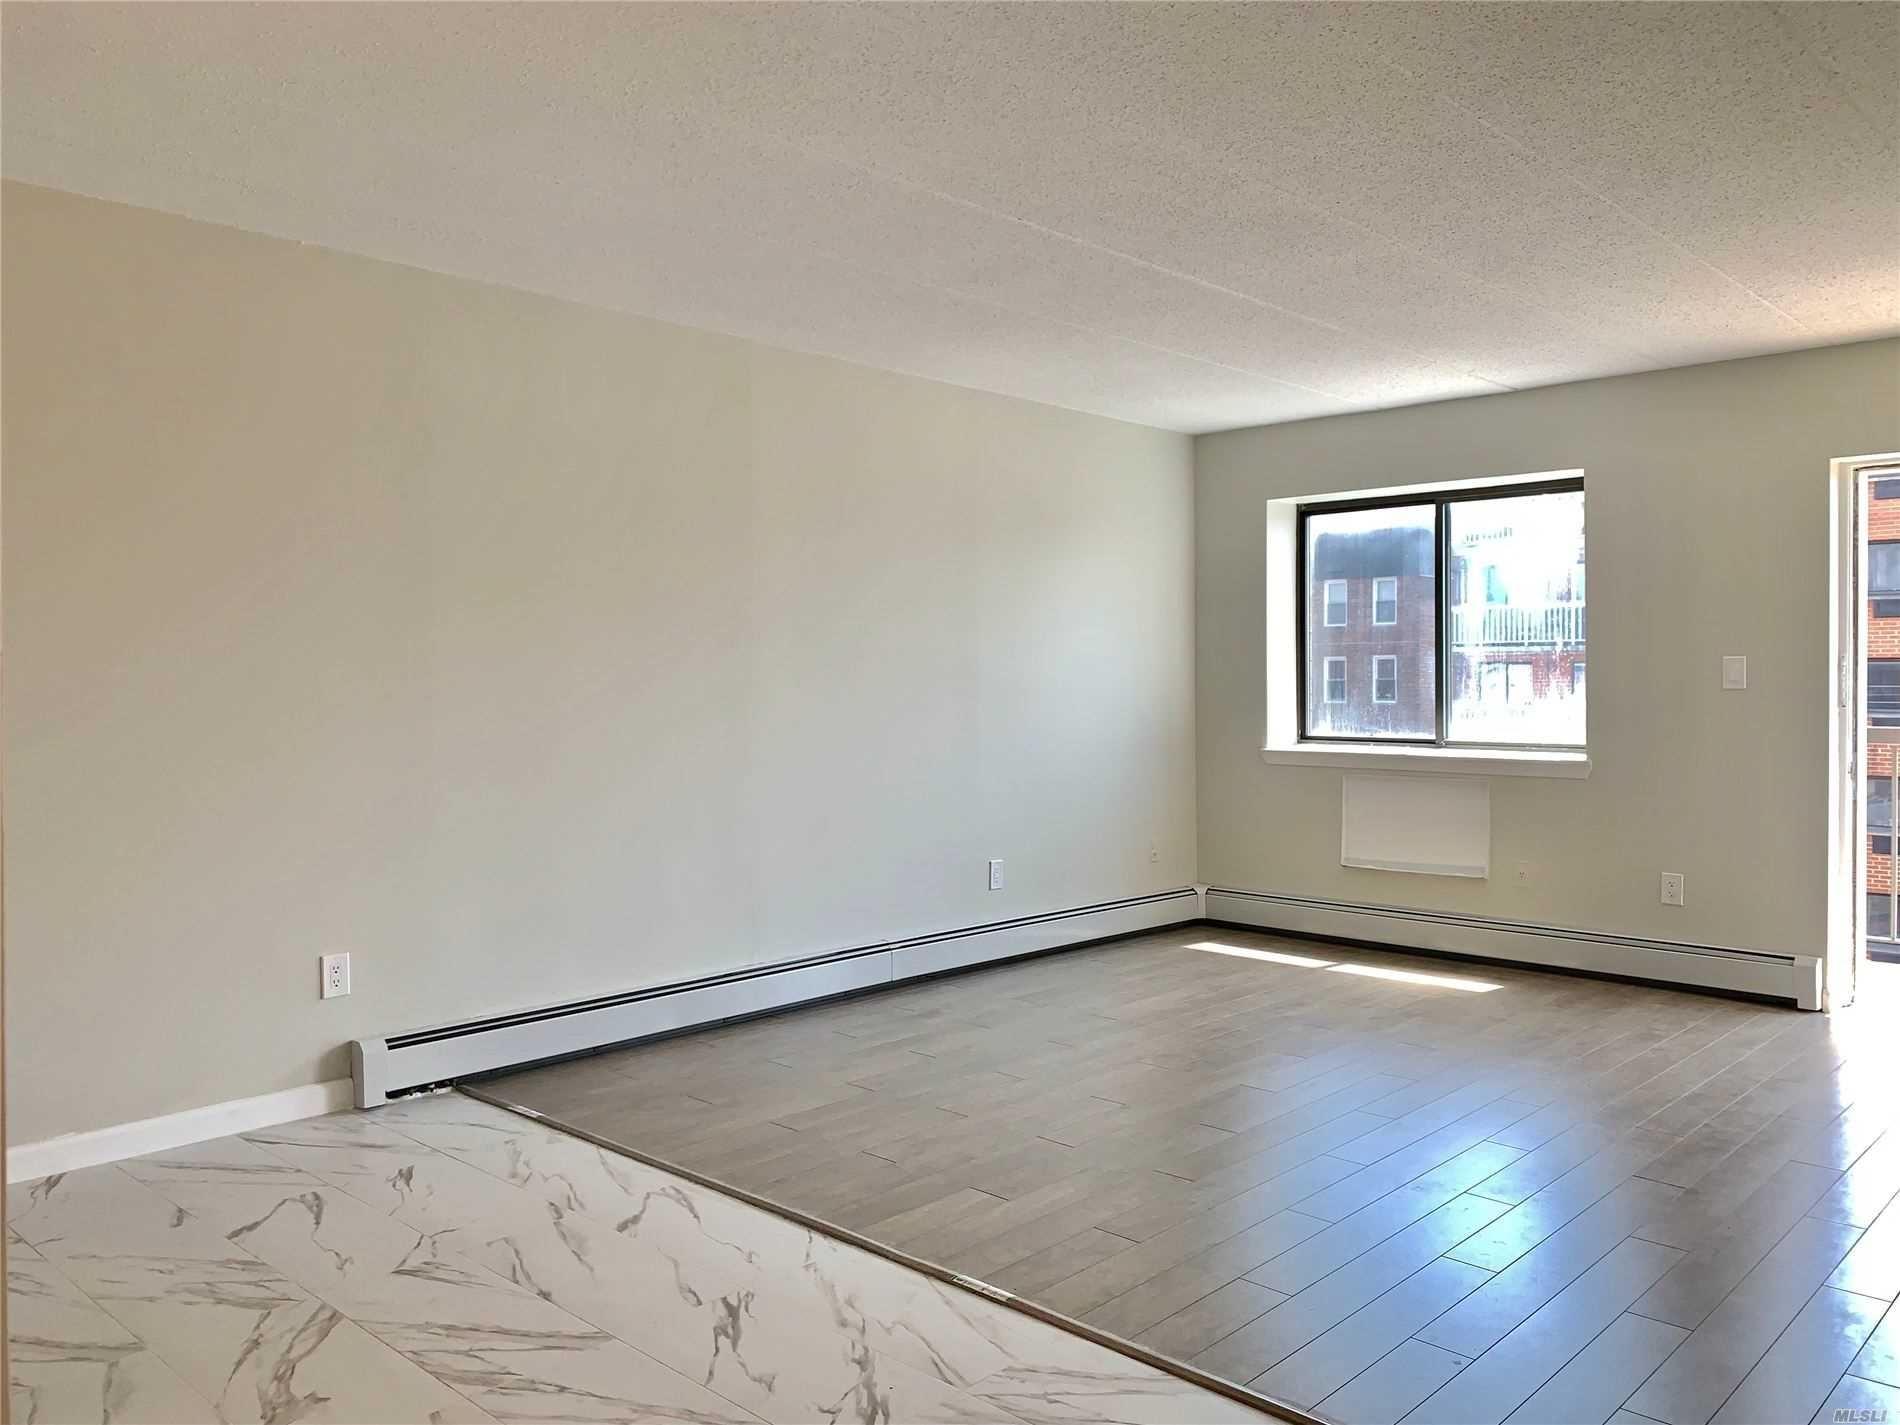 144-23 Barclay Avenue #6A, Flushing, NY 11355 - MLS#: 3228812